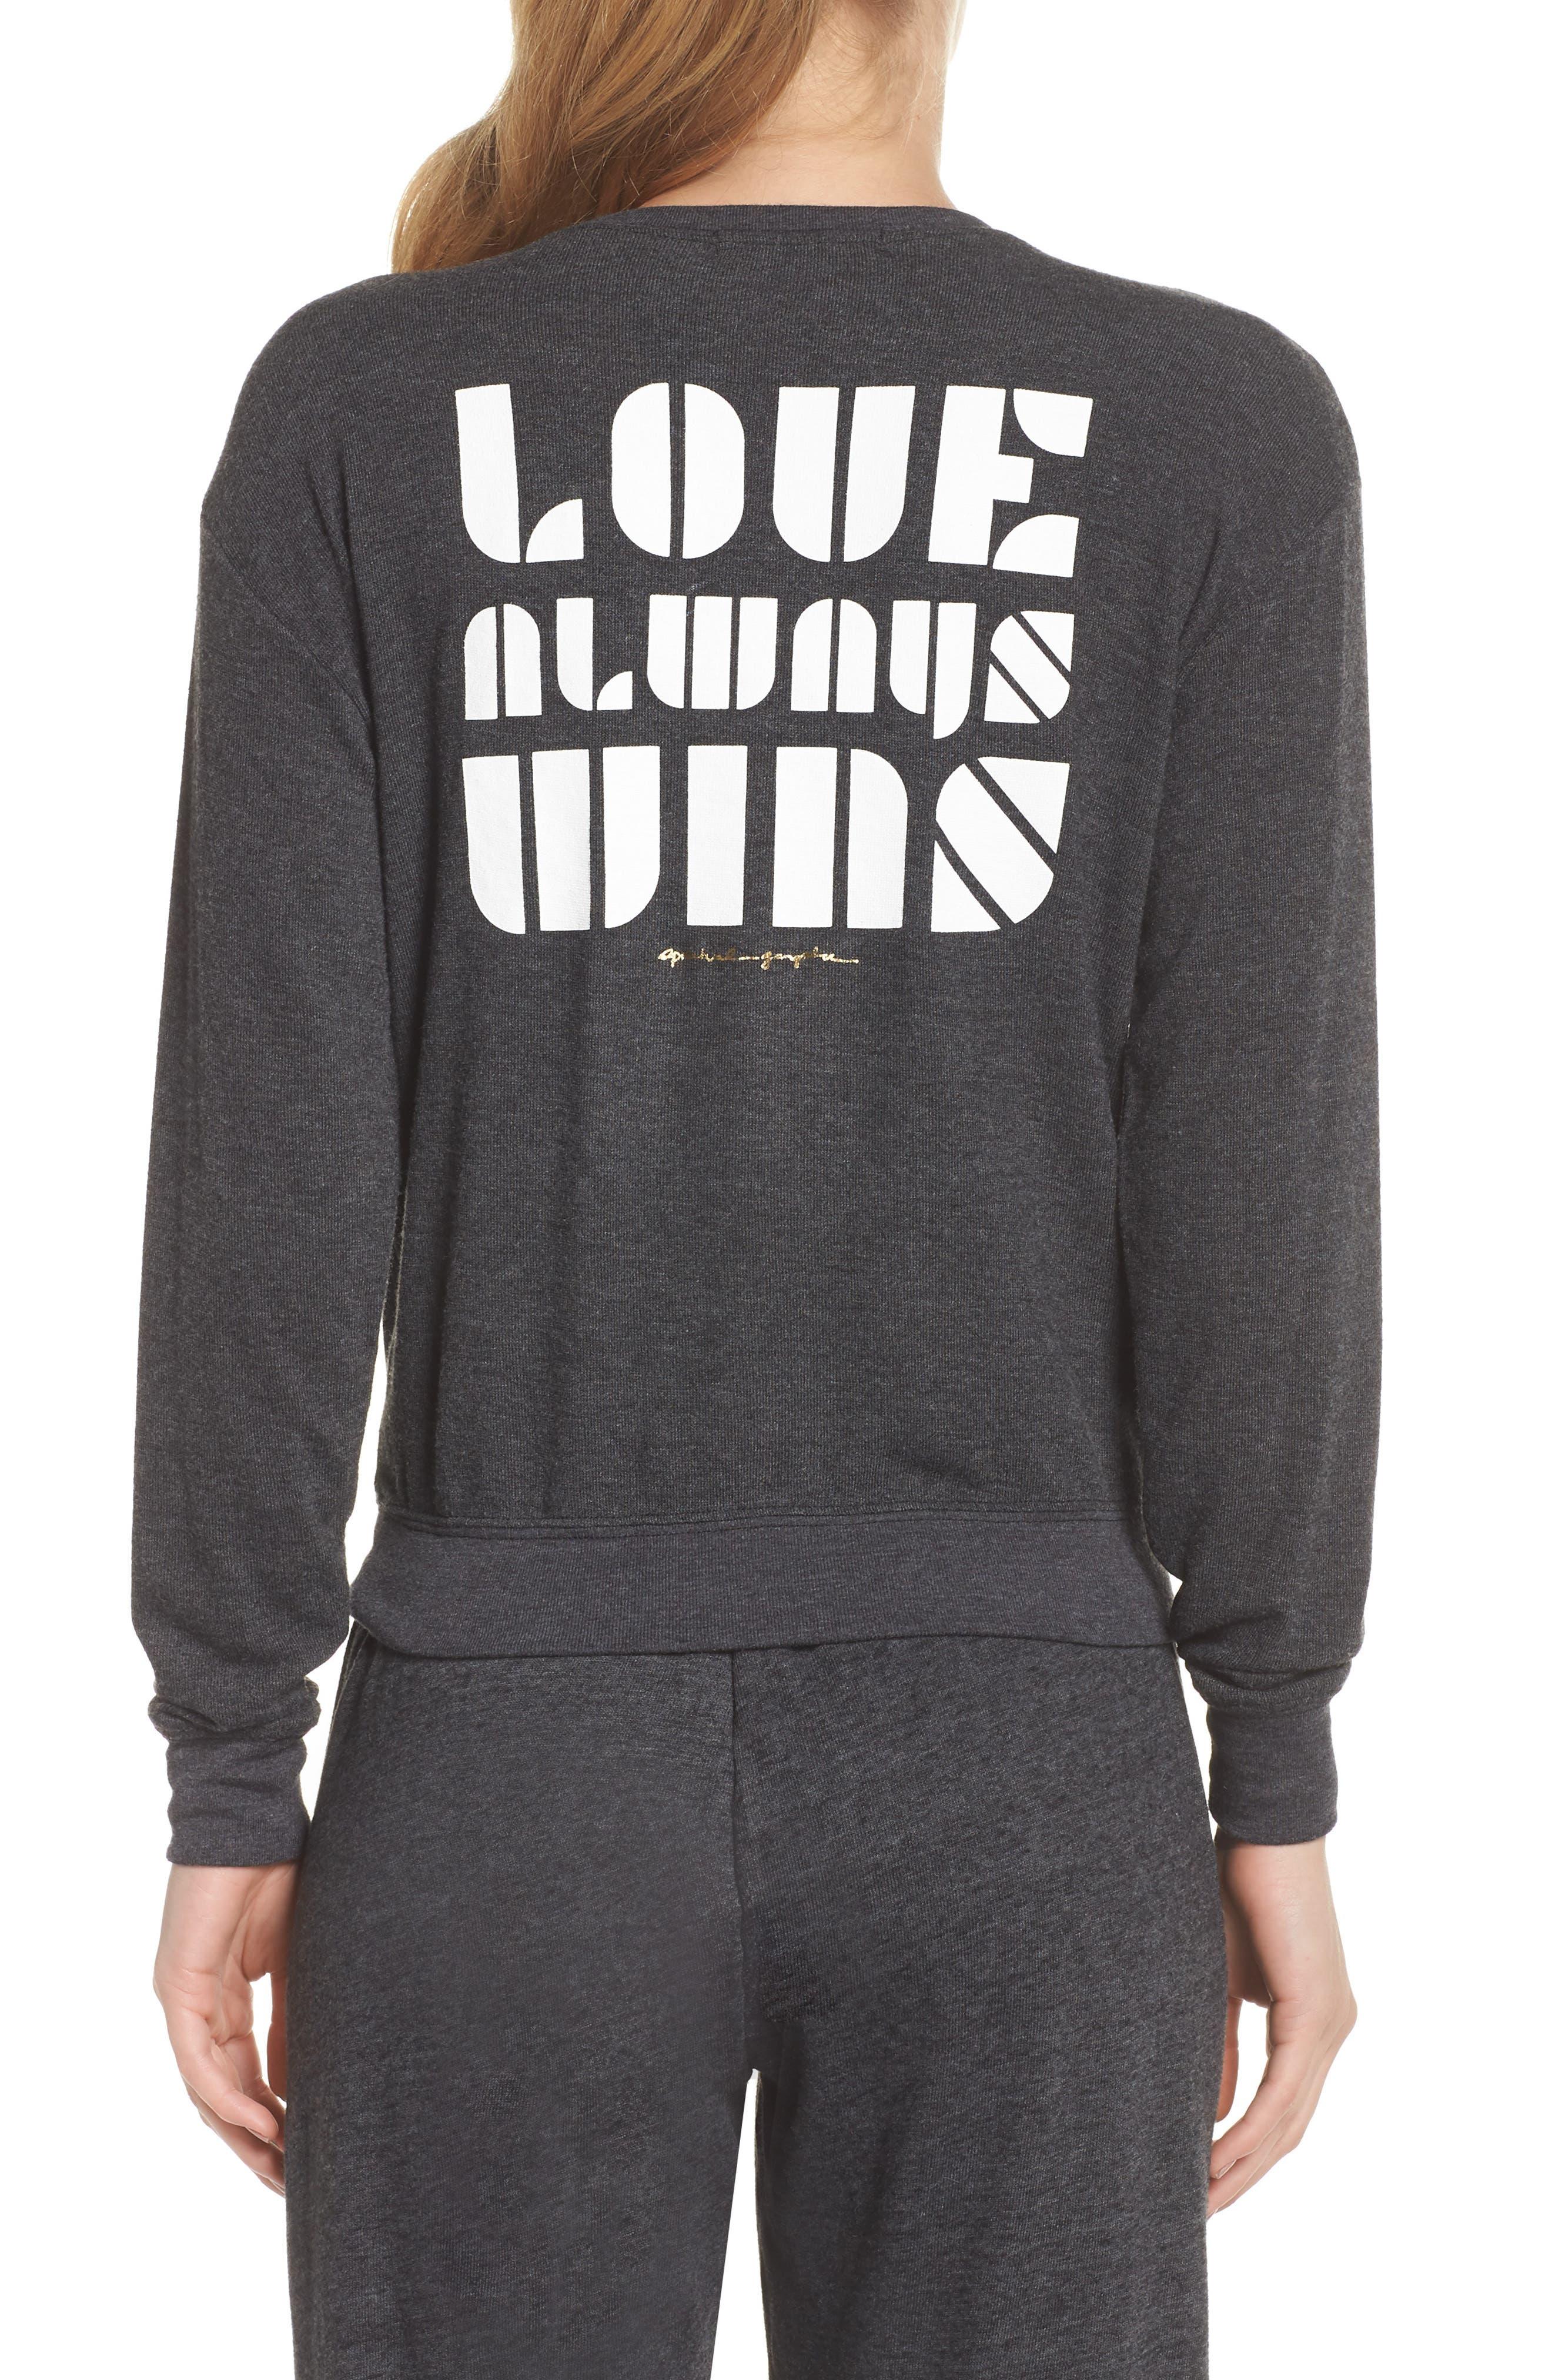 Love Wins Savasana Sweatshirt,                             Alternate thumbnail 2, color,                             VINTAGE BLACK